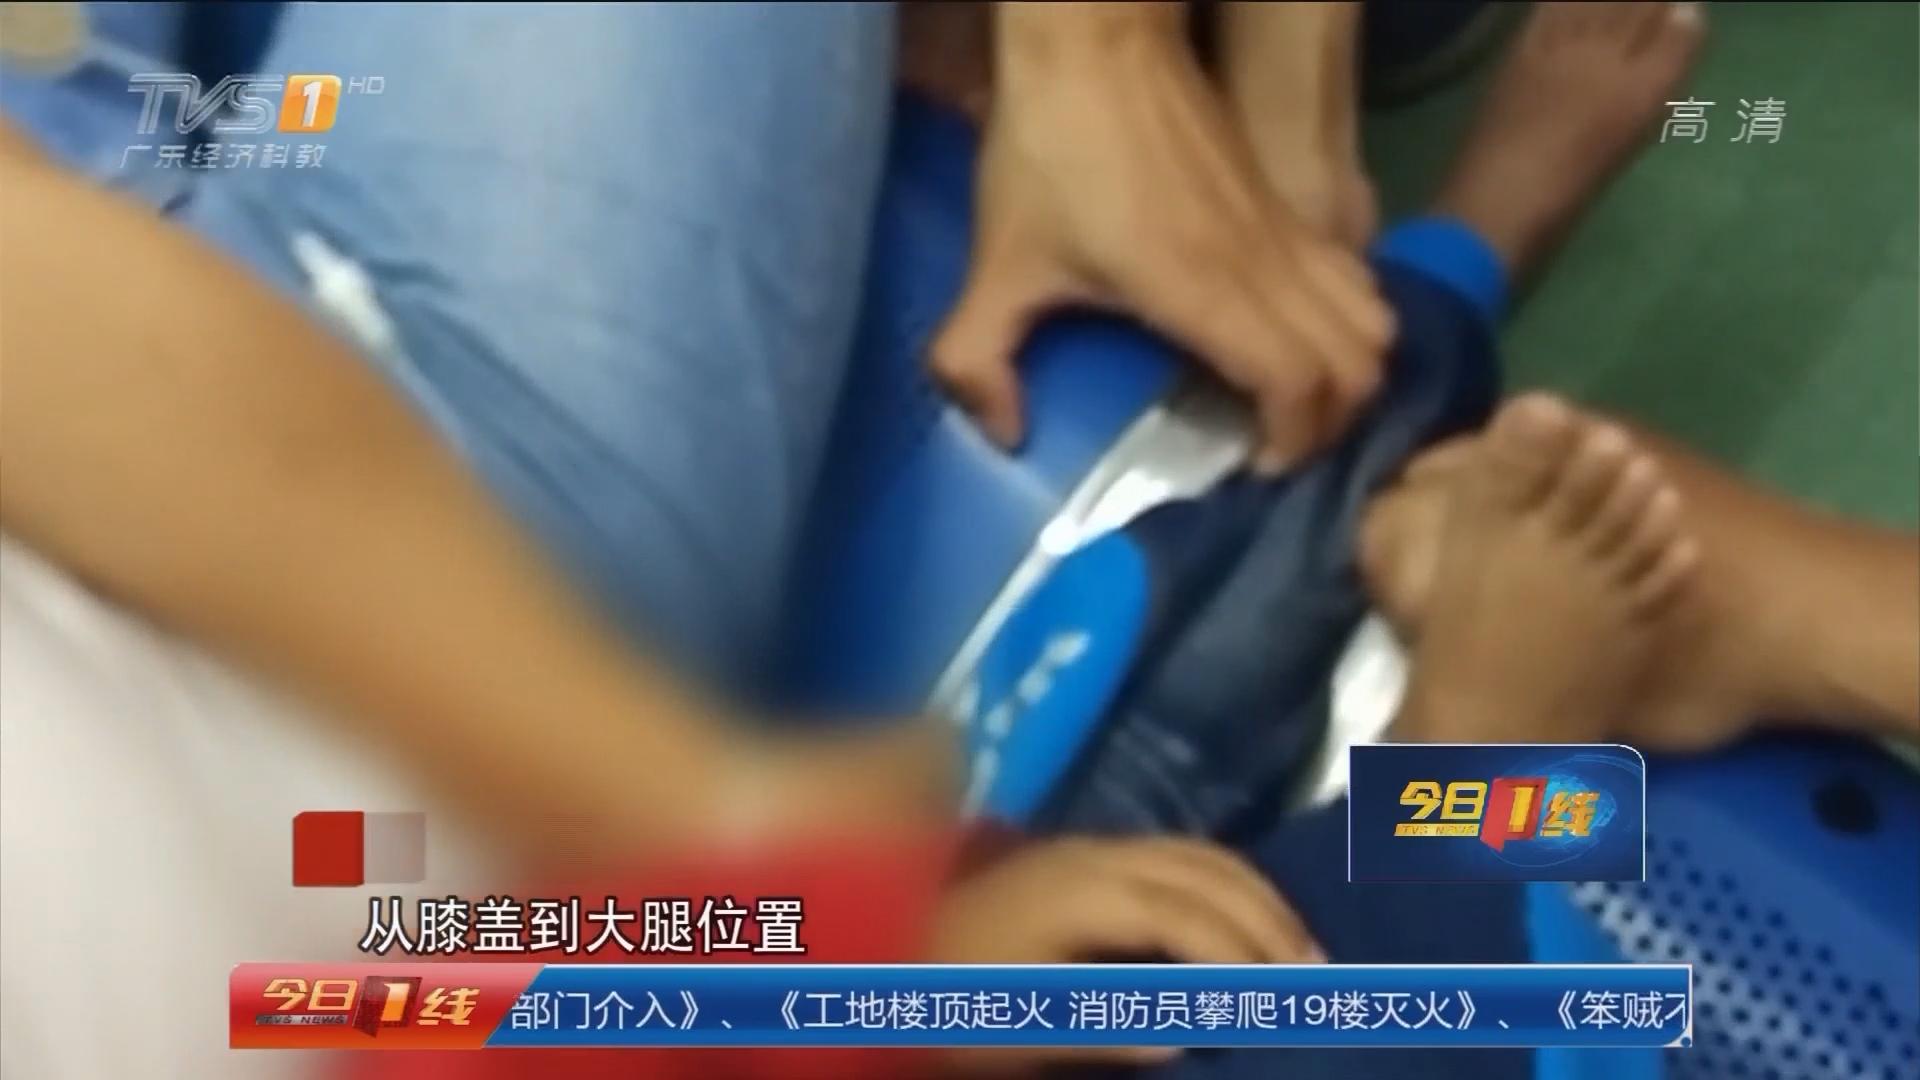 肇庆怀集:小孩腿卡座椅 消防紧急救援